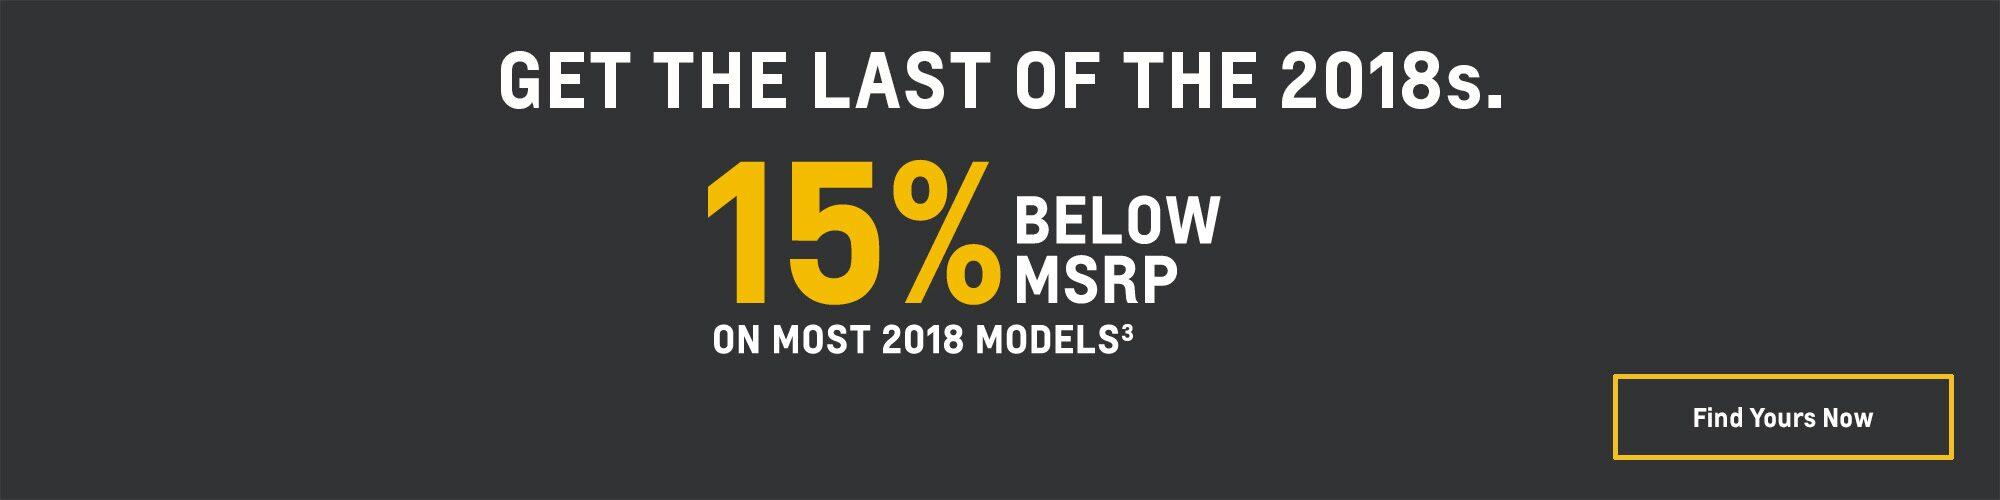 2018 Chevrolet Camaro: 15% Below MSRP